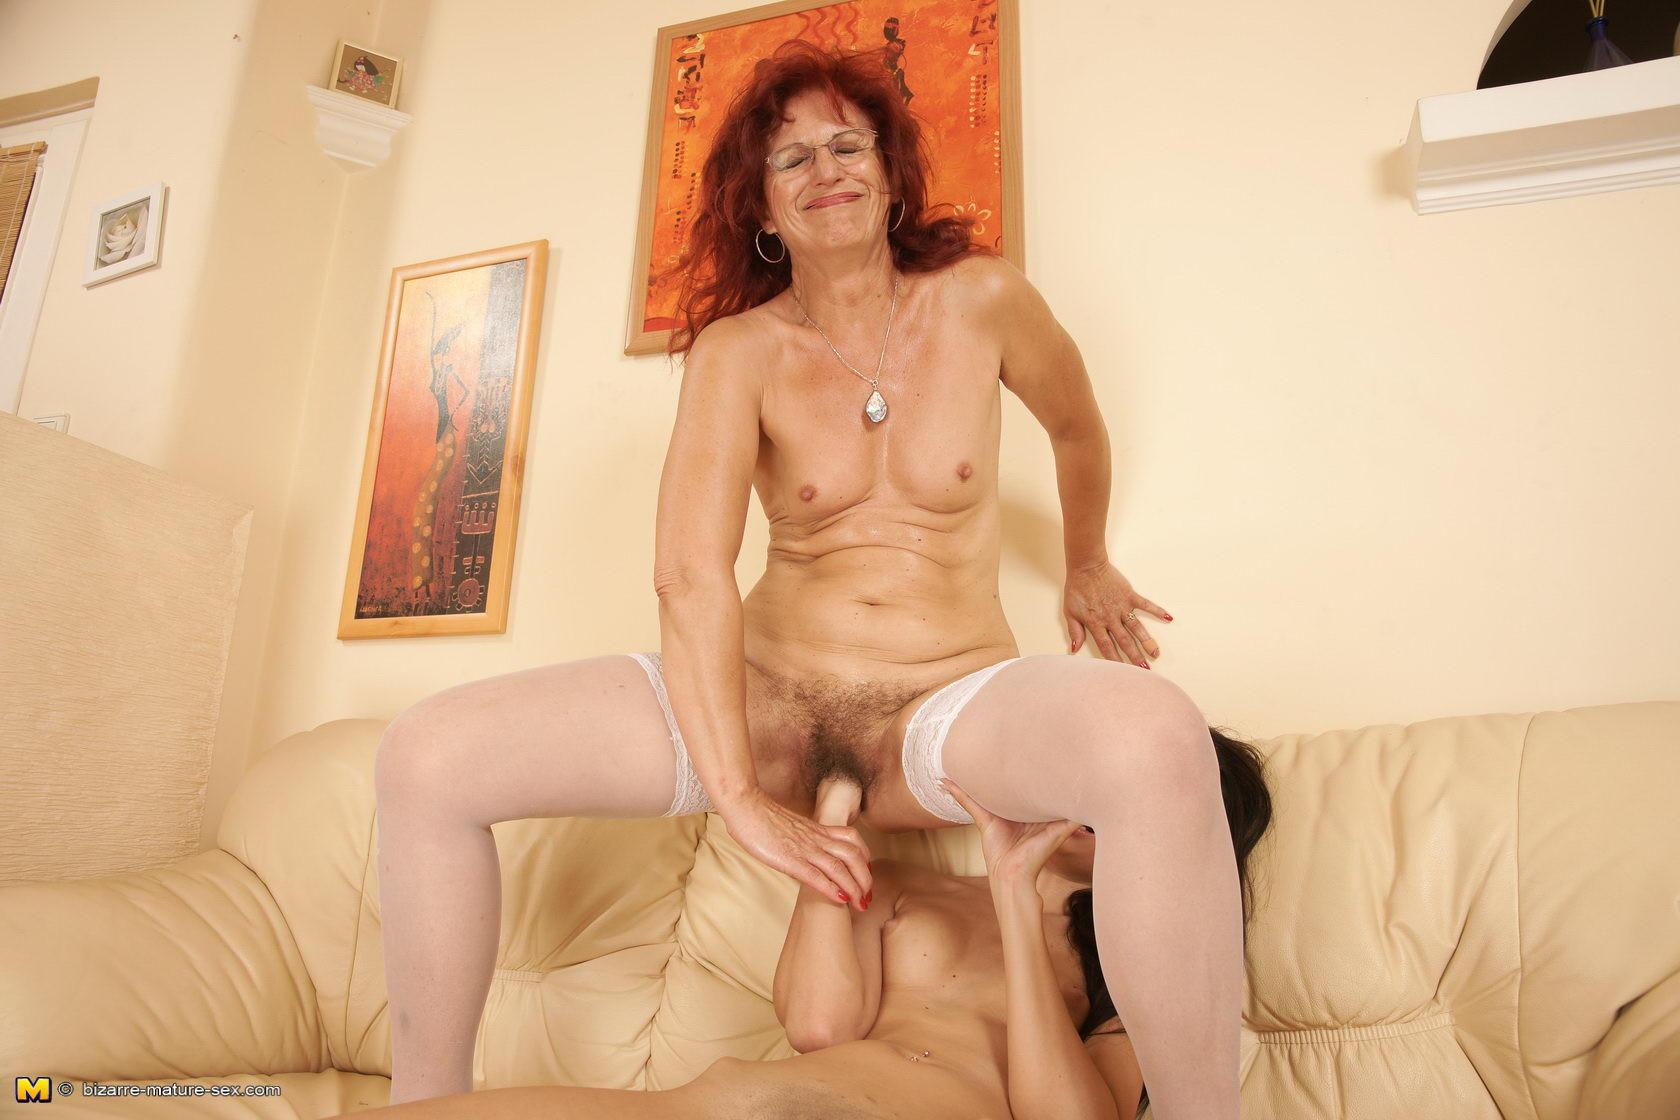 Порно спелых и зрелых дам. Секс со зрелыми женщинами онлайн